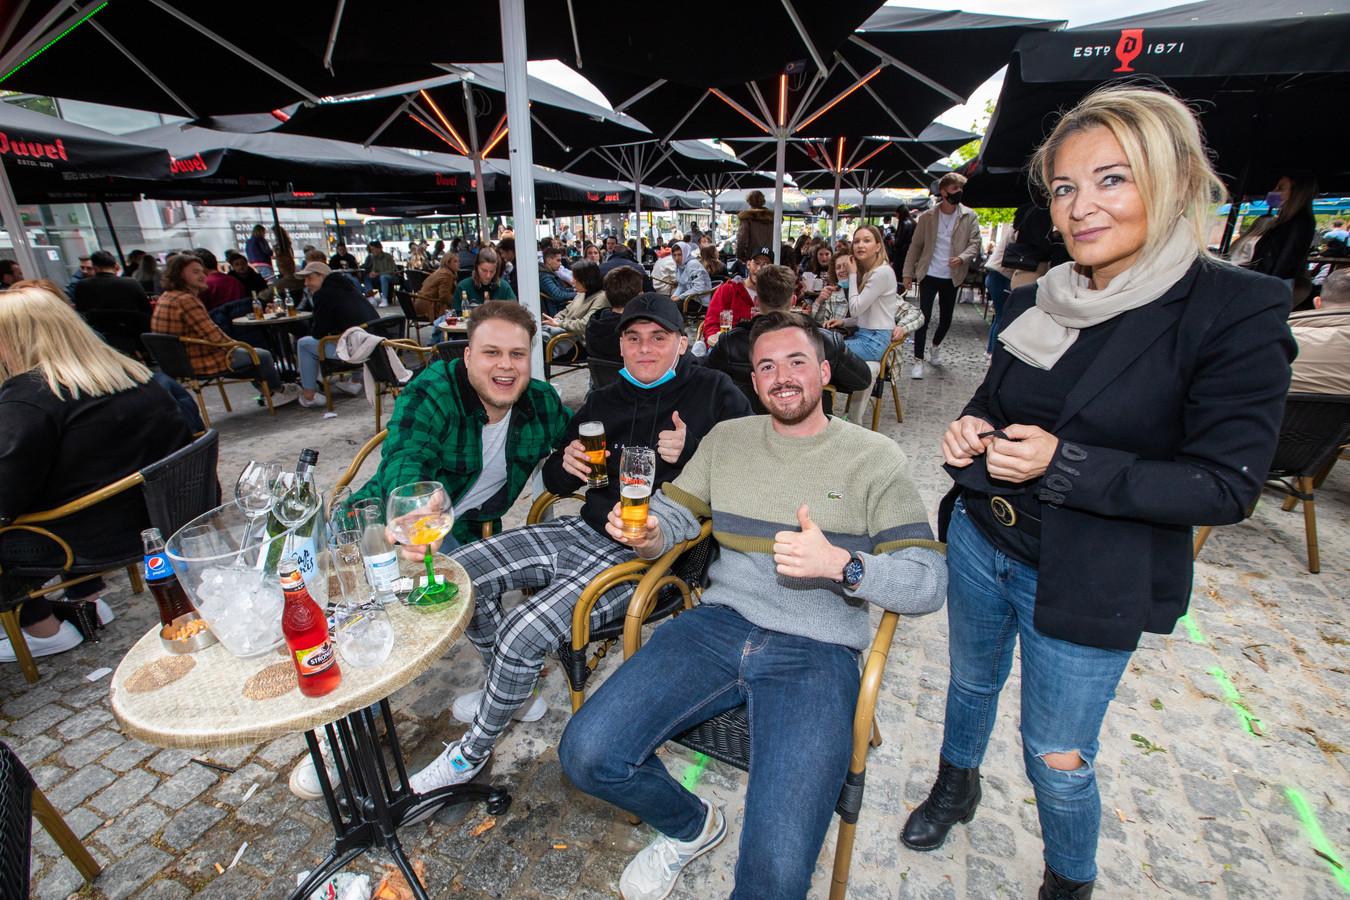 Ook vriendengroep Yasmine, Lennert, Rafael en Nick zijn van de partij.